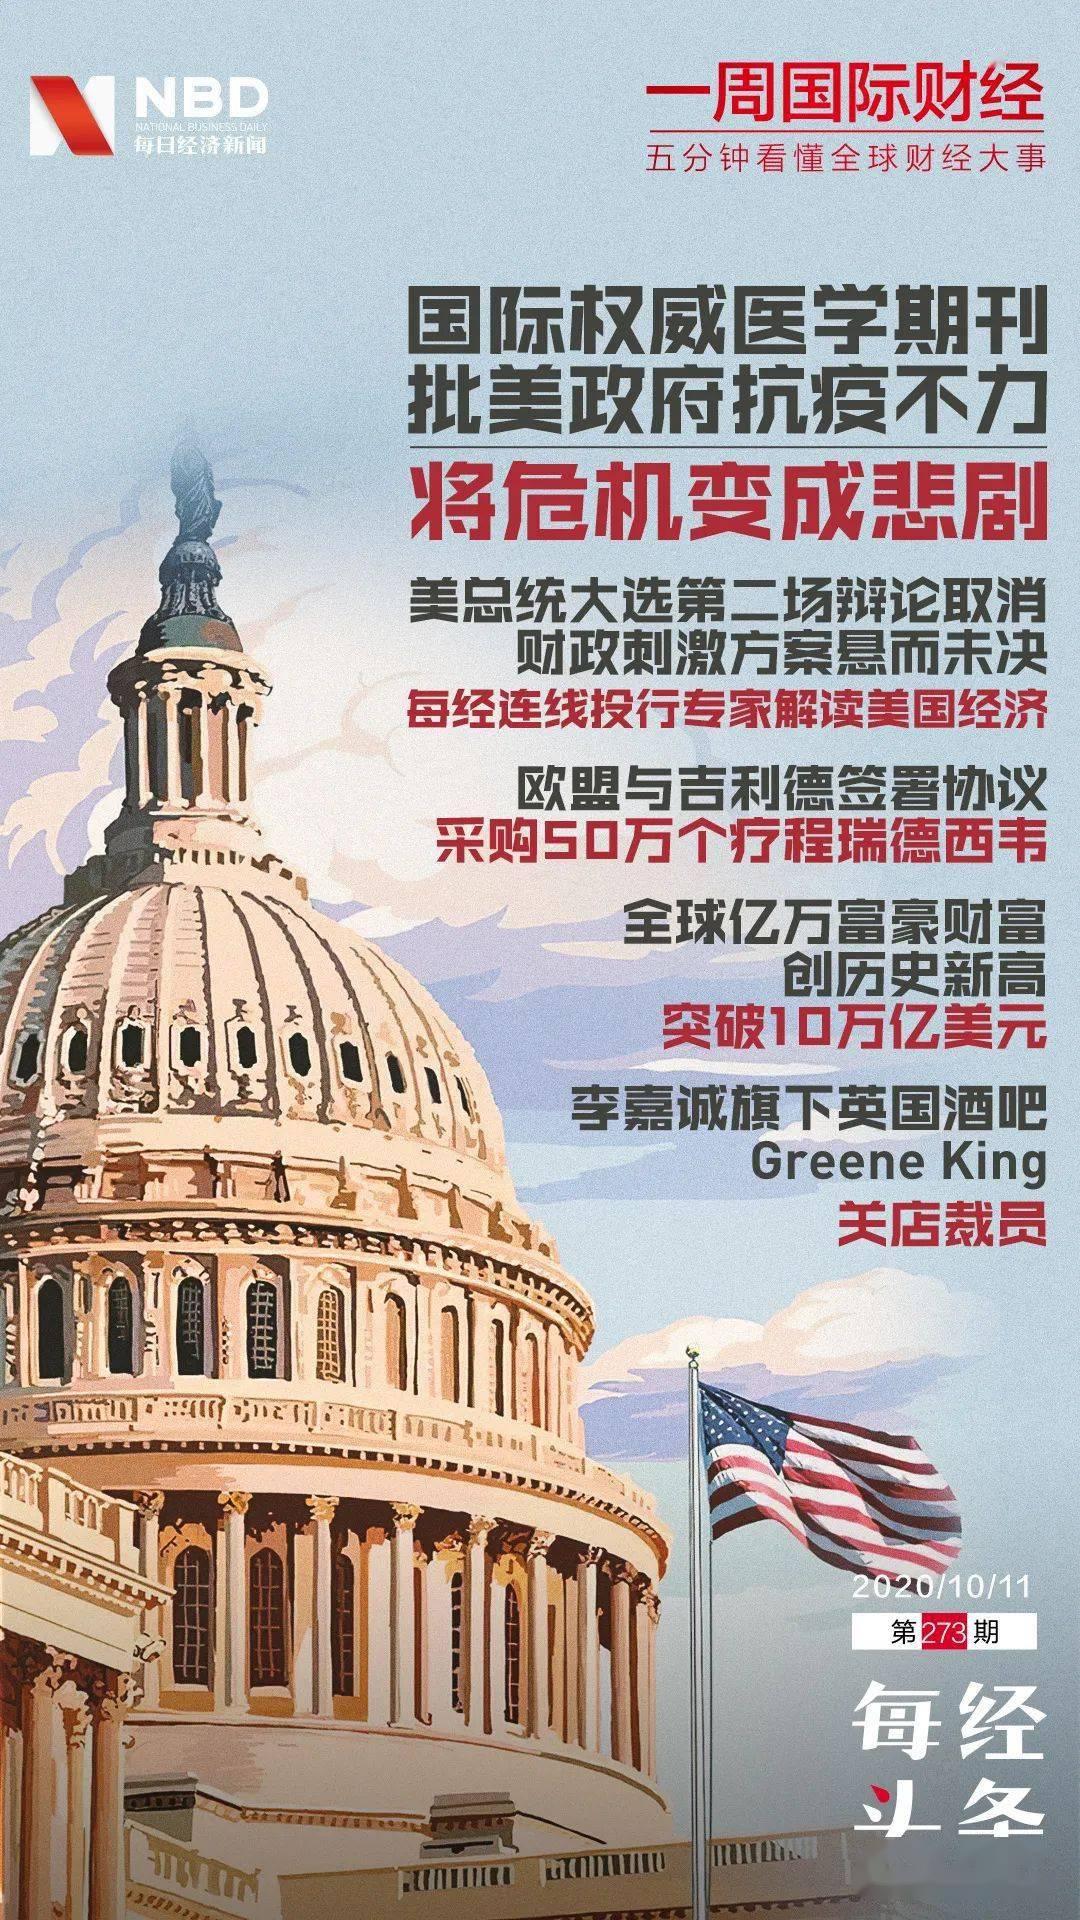 第二场美国总统竞选辩论取消;每经连线投行专家解读美国经济|一周国际财经